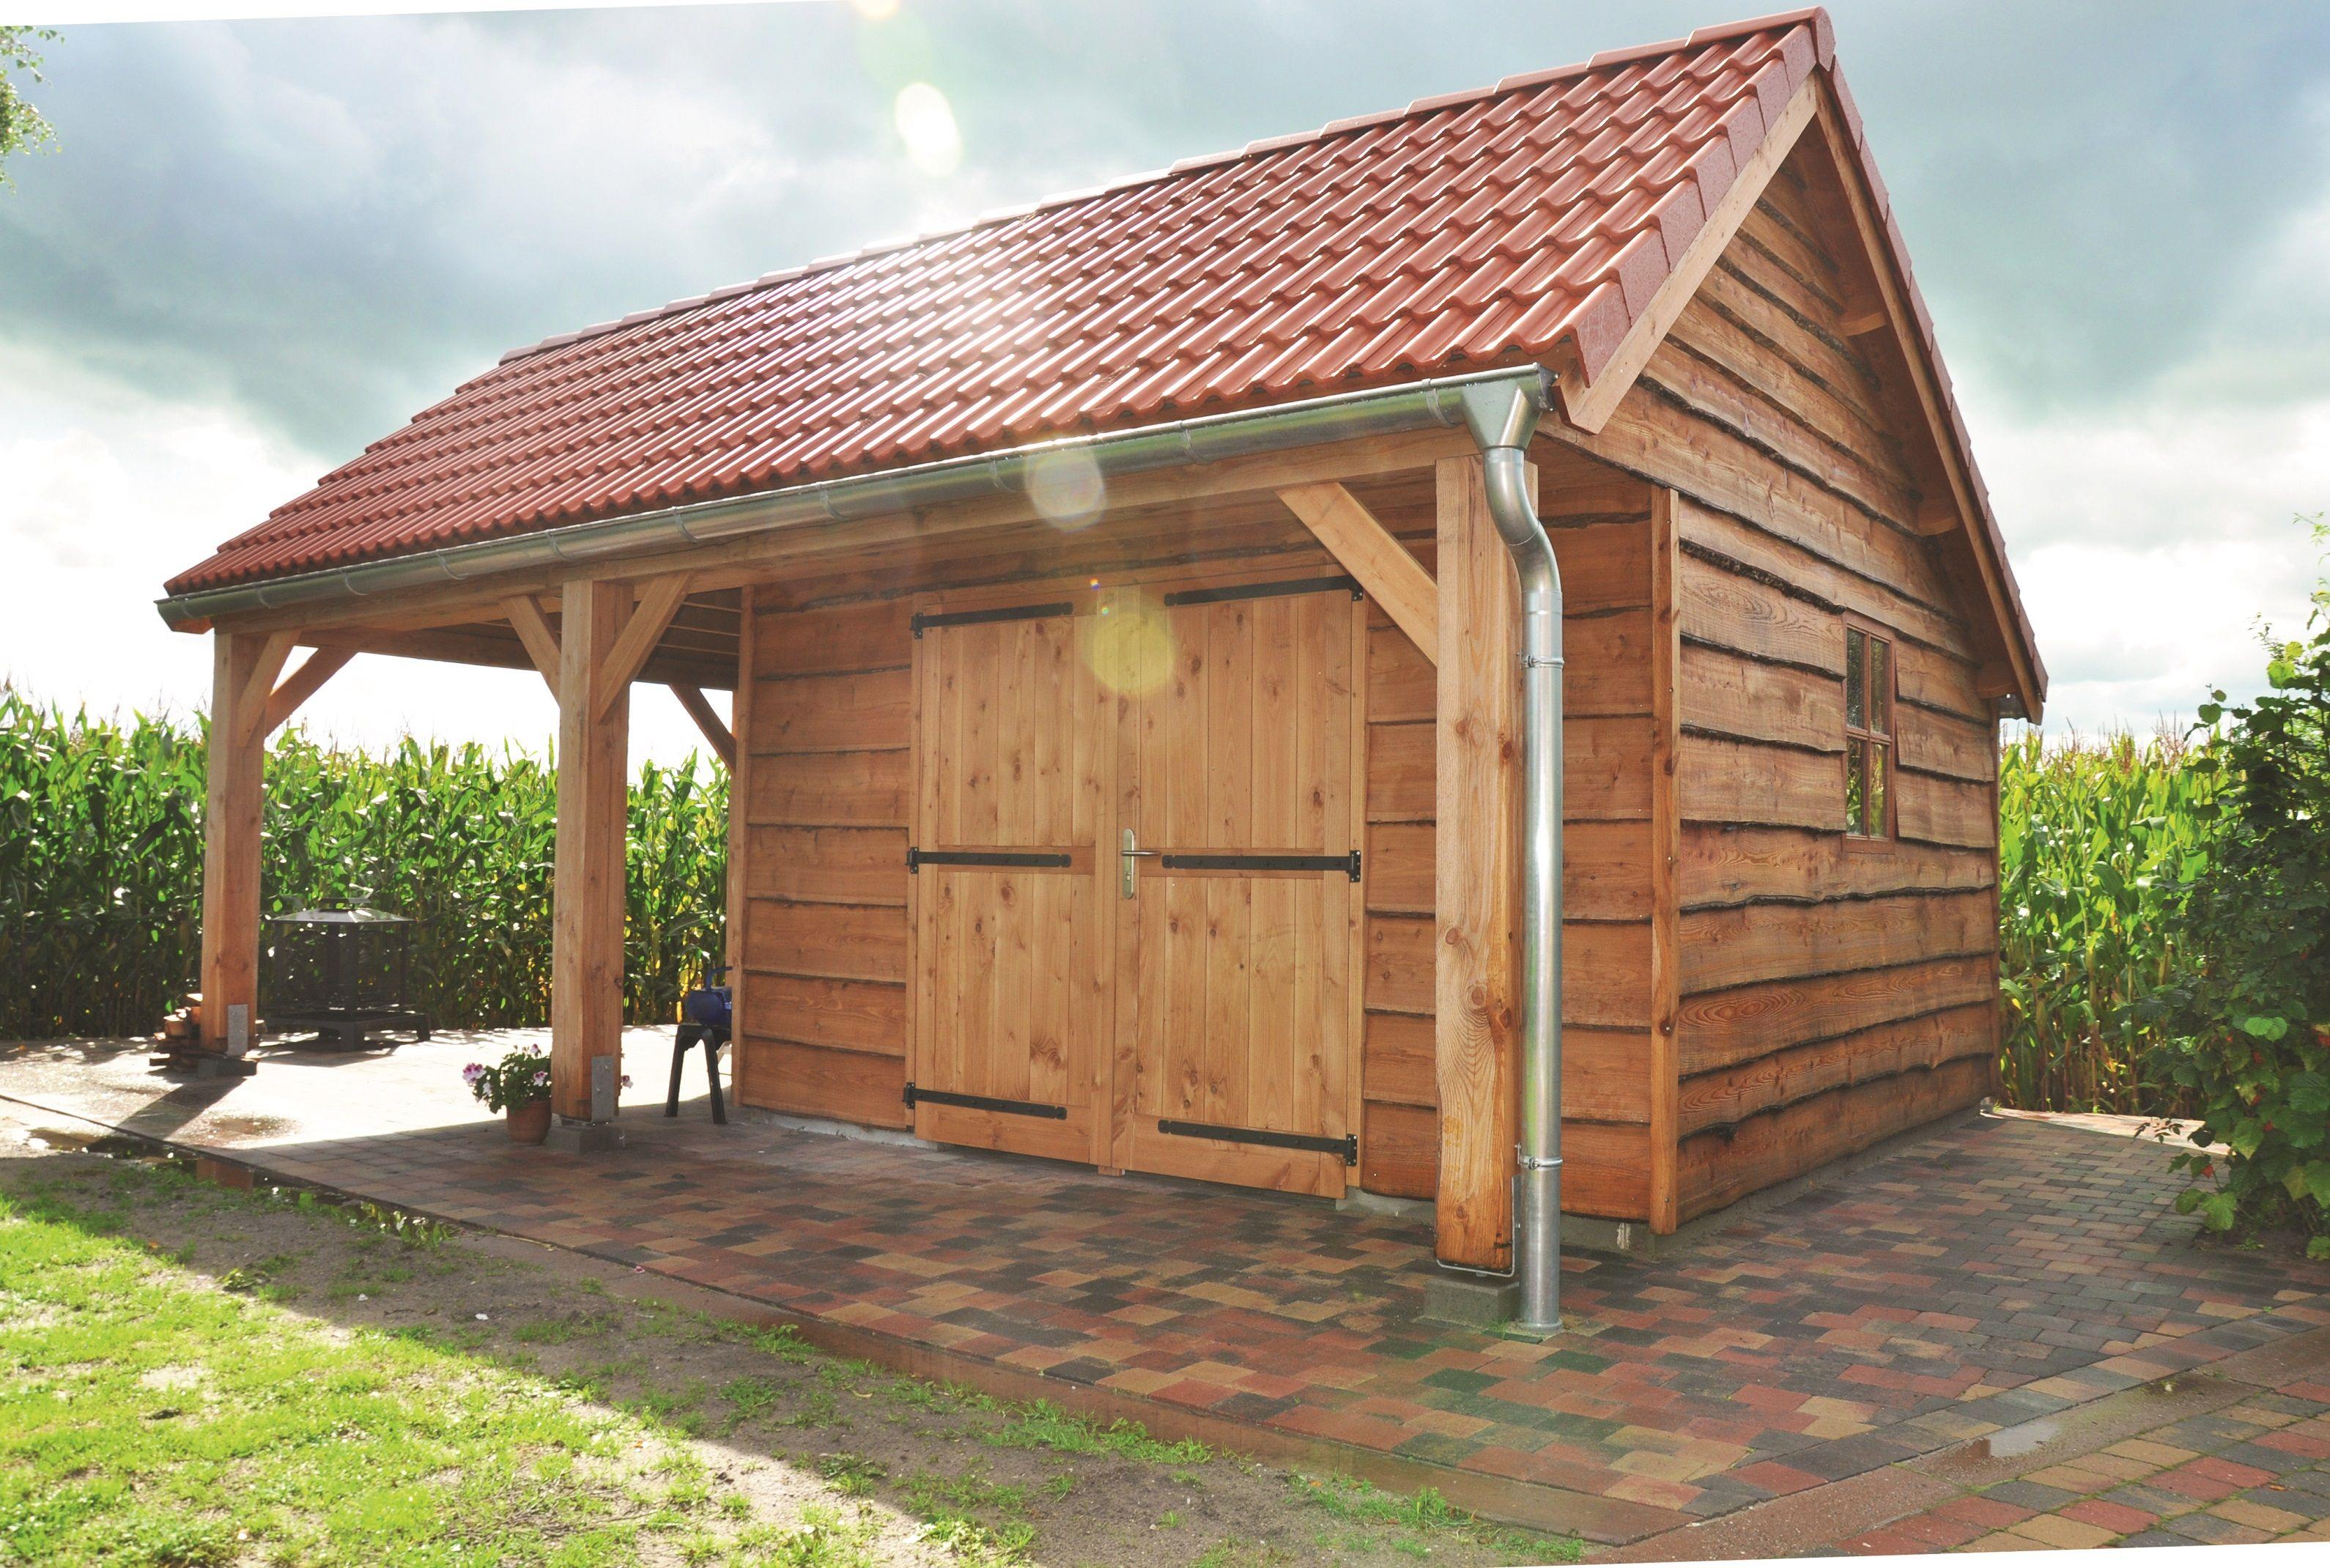 Moderne Remise Bestehend Aus Gartenhaus Mit Terrasse Mit